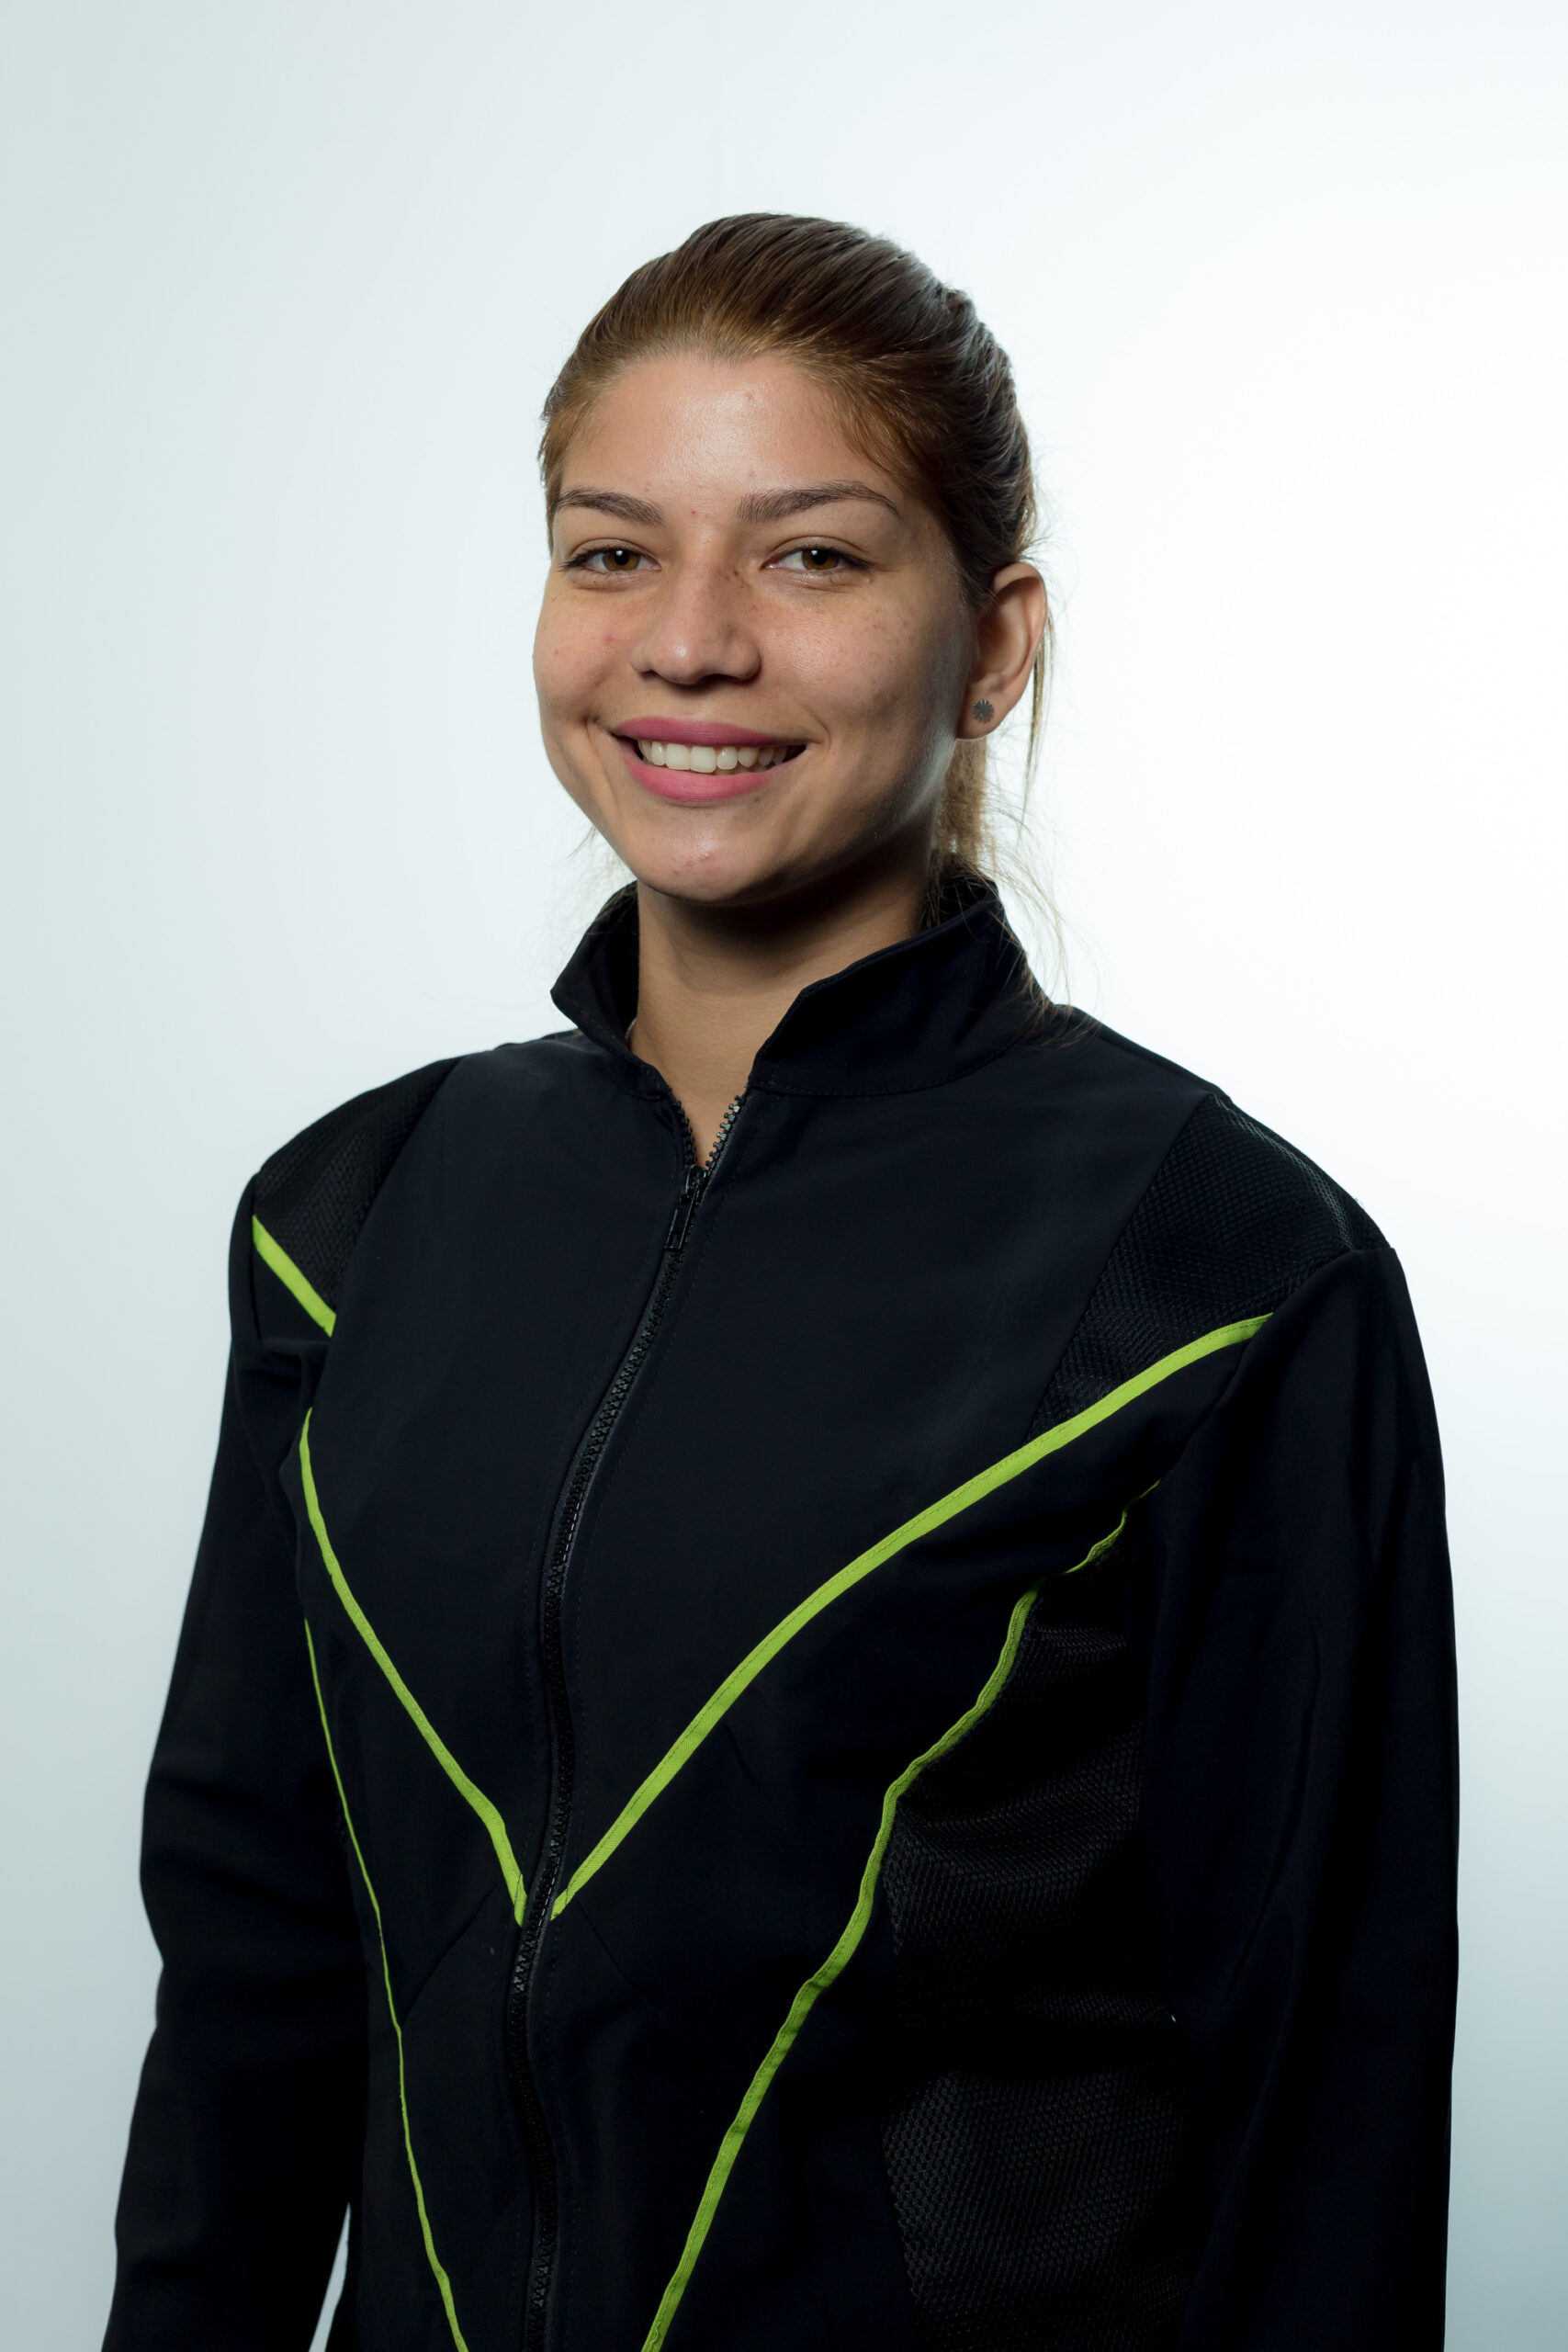 Marianyeli Medina